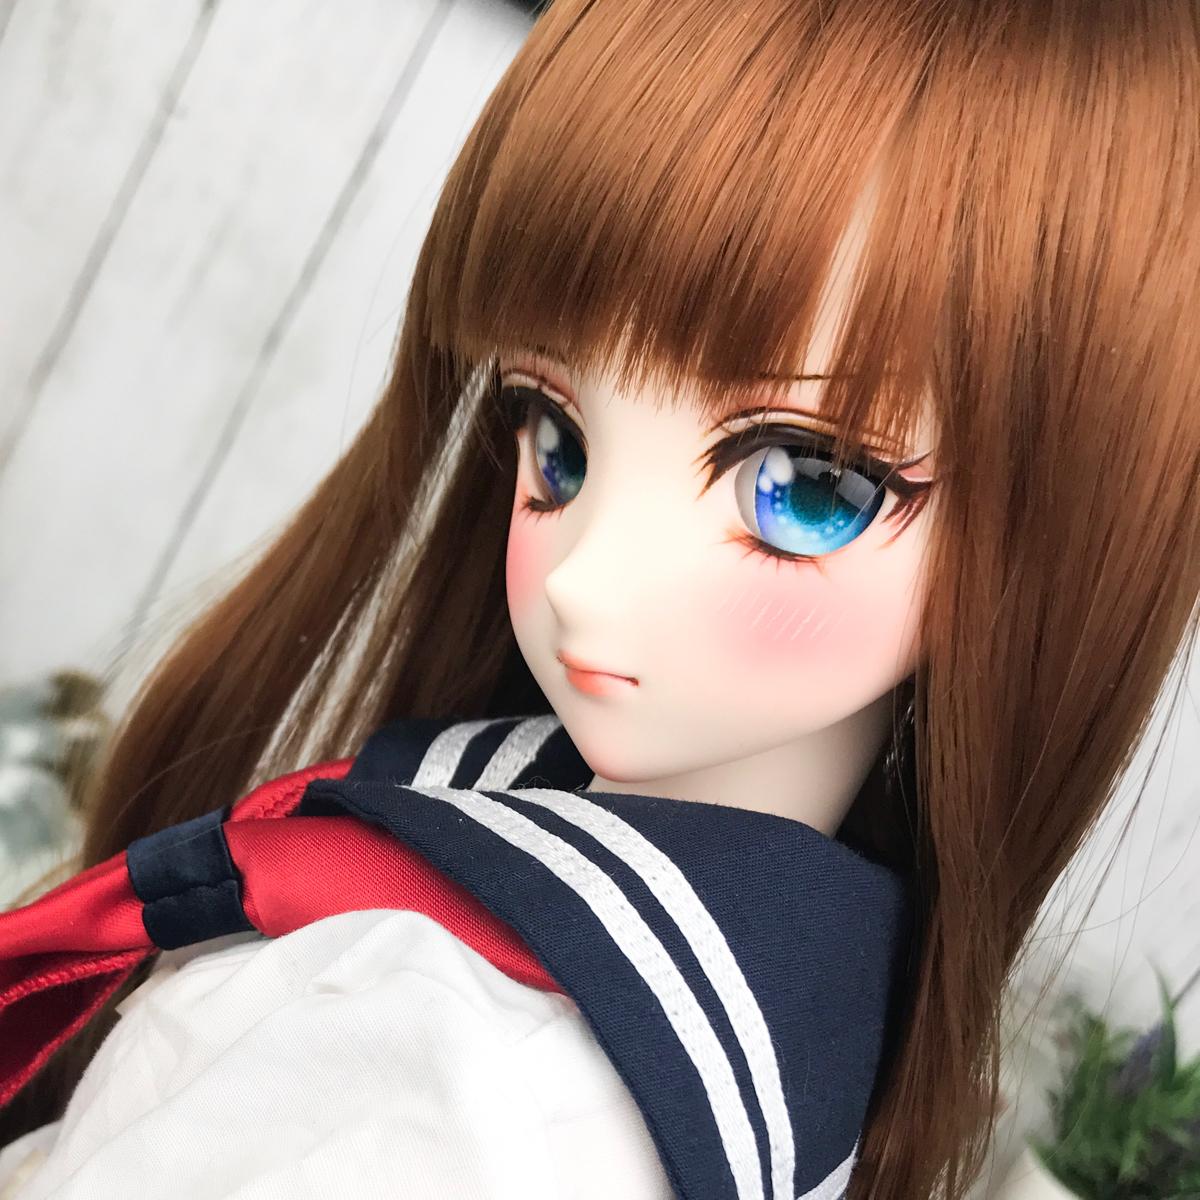 【eMO+h】DDH-09 セミホワイト肌 カスタムヘッド+レジンアイ